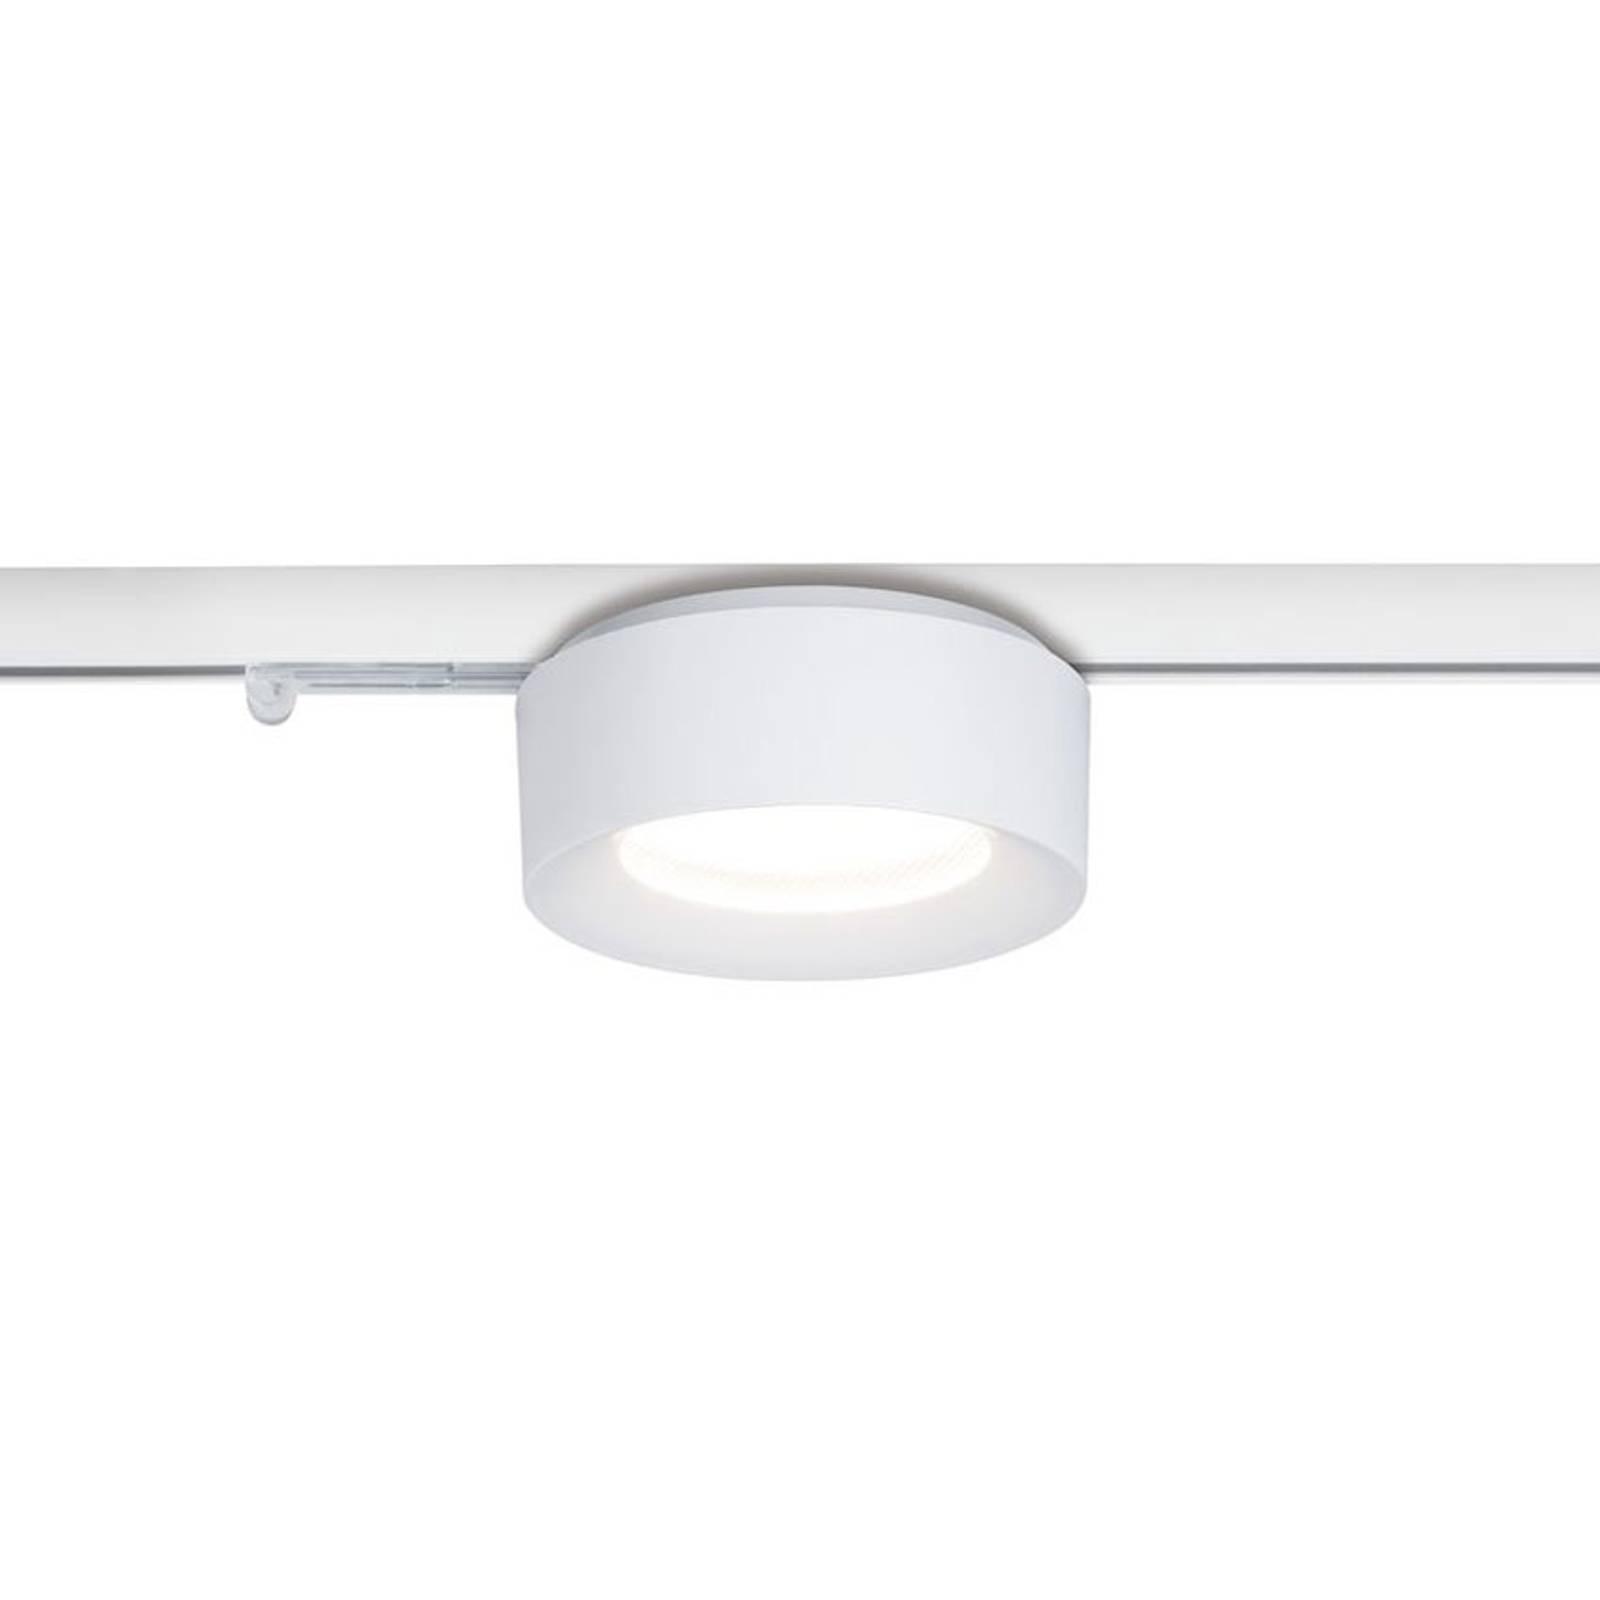 Paulmann NanoRail Cavar -LED-alasvalo valkoinen